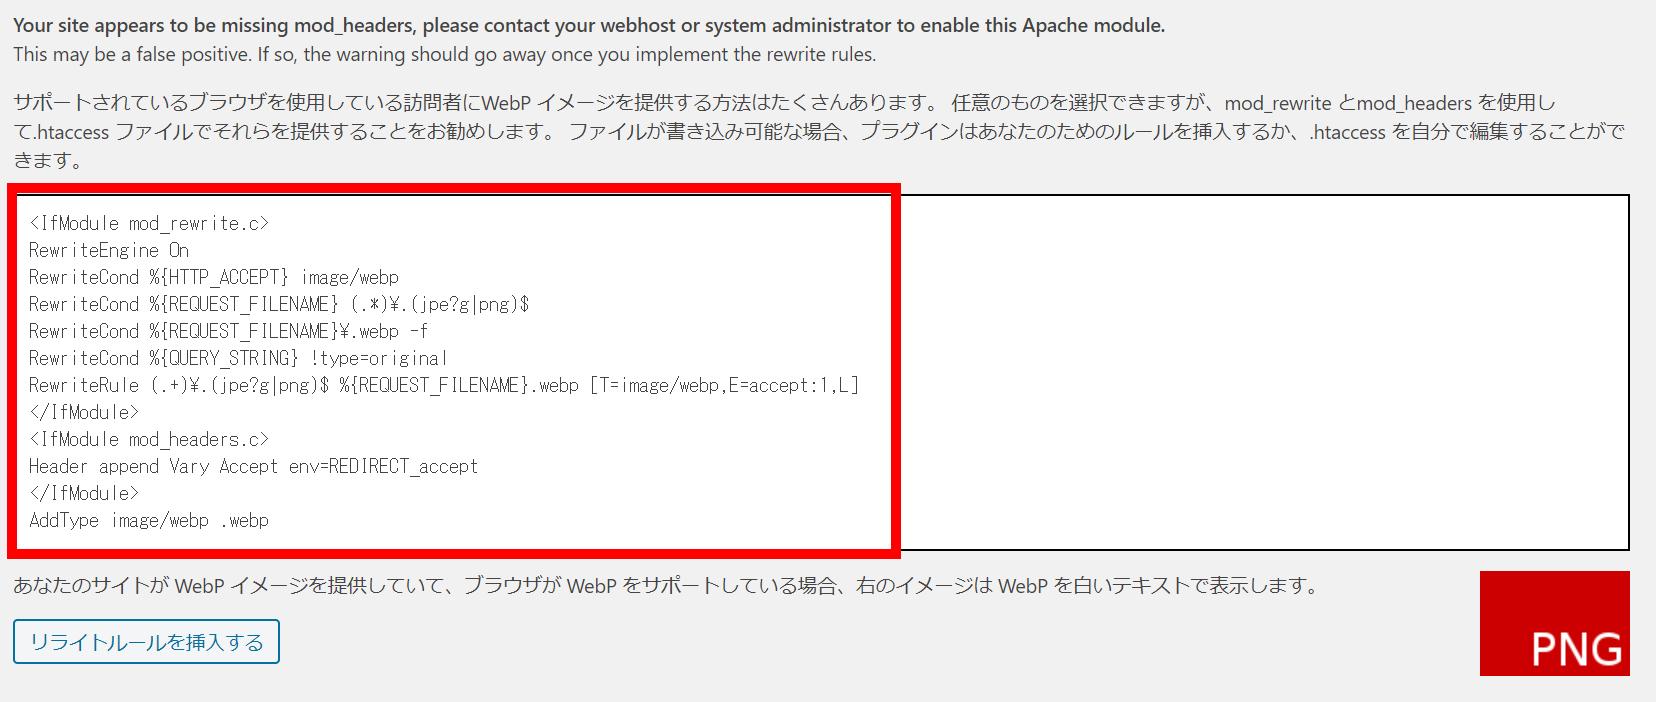 WebPタブ下部にある.htaccessに追記するコード